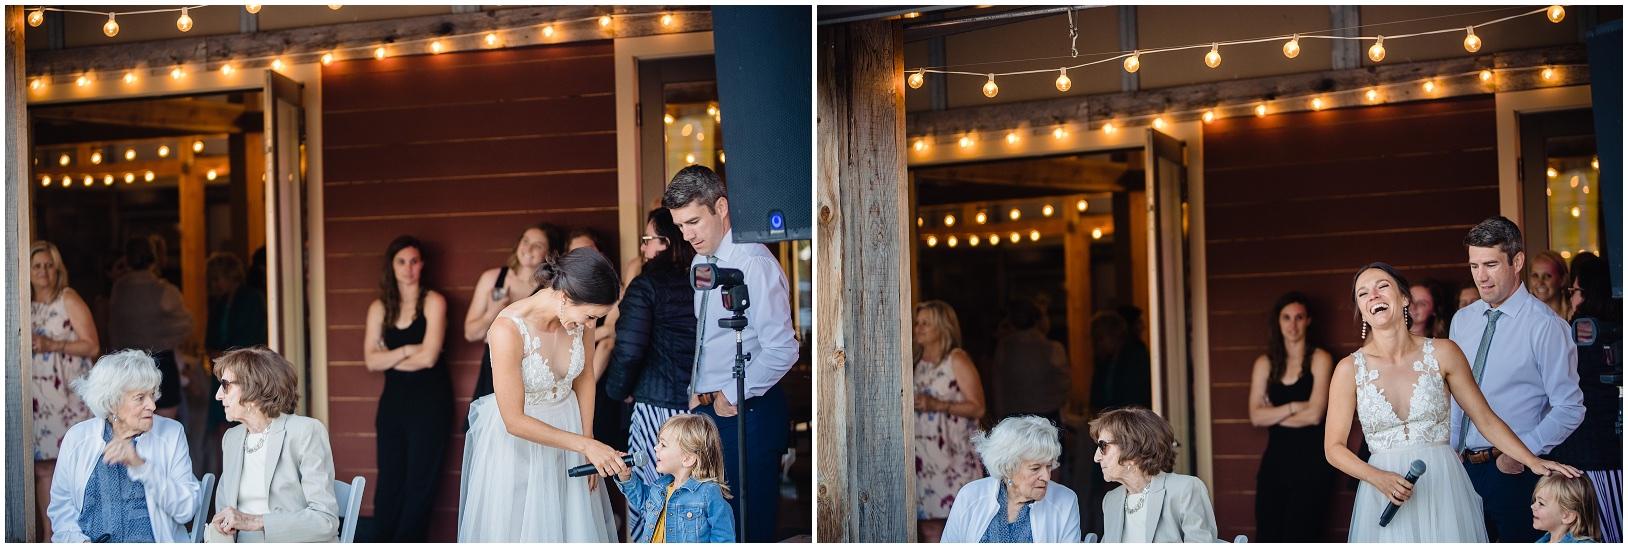 lindseyjane_weddings0145.jpg